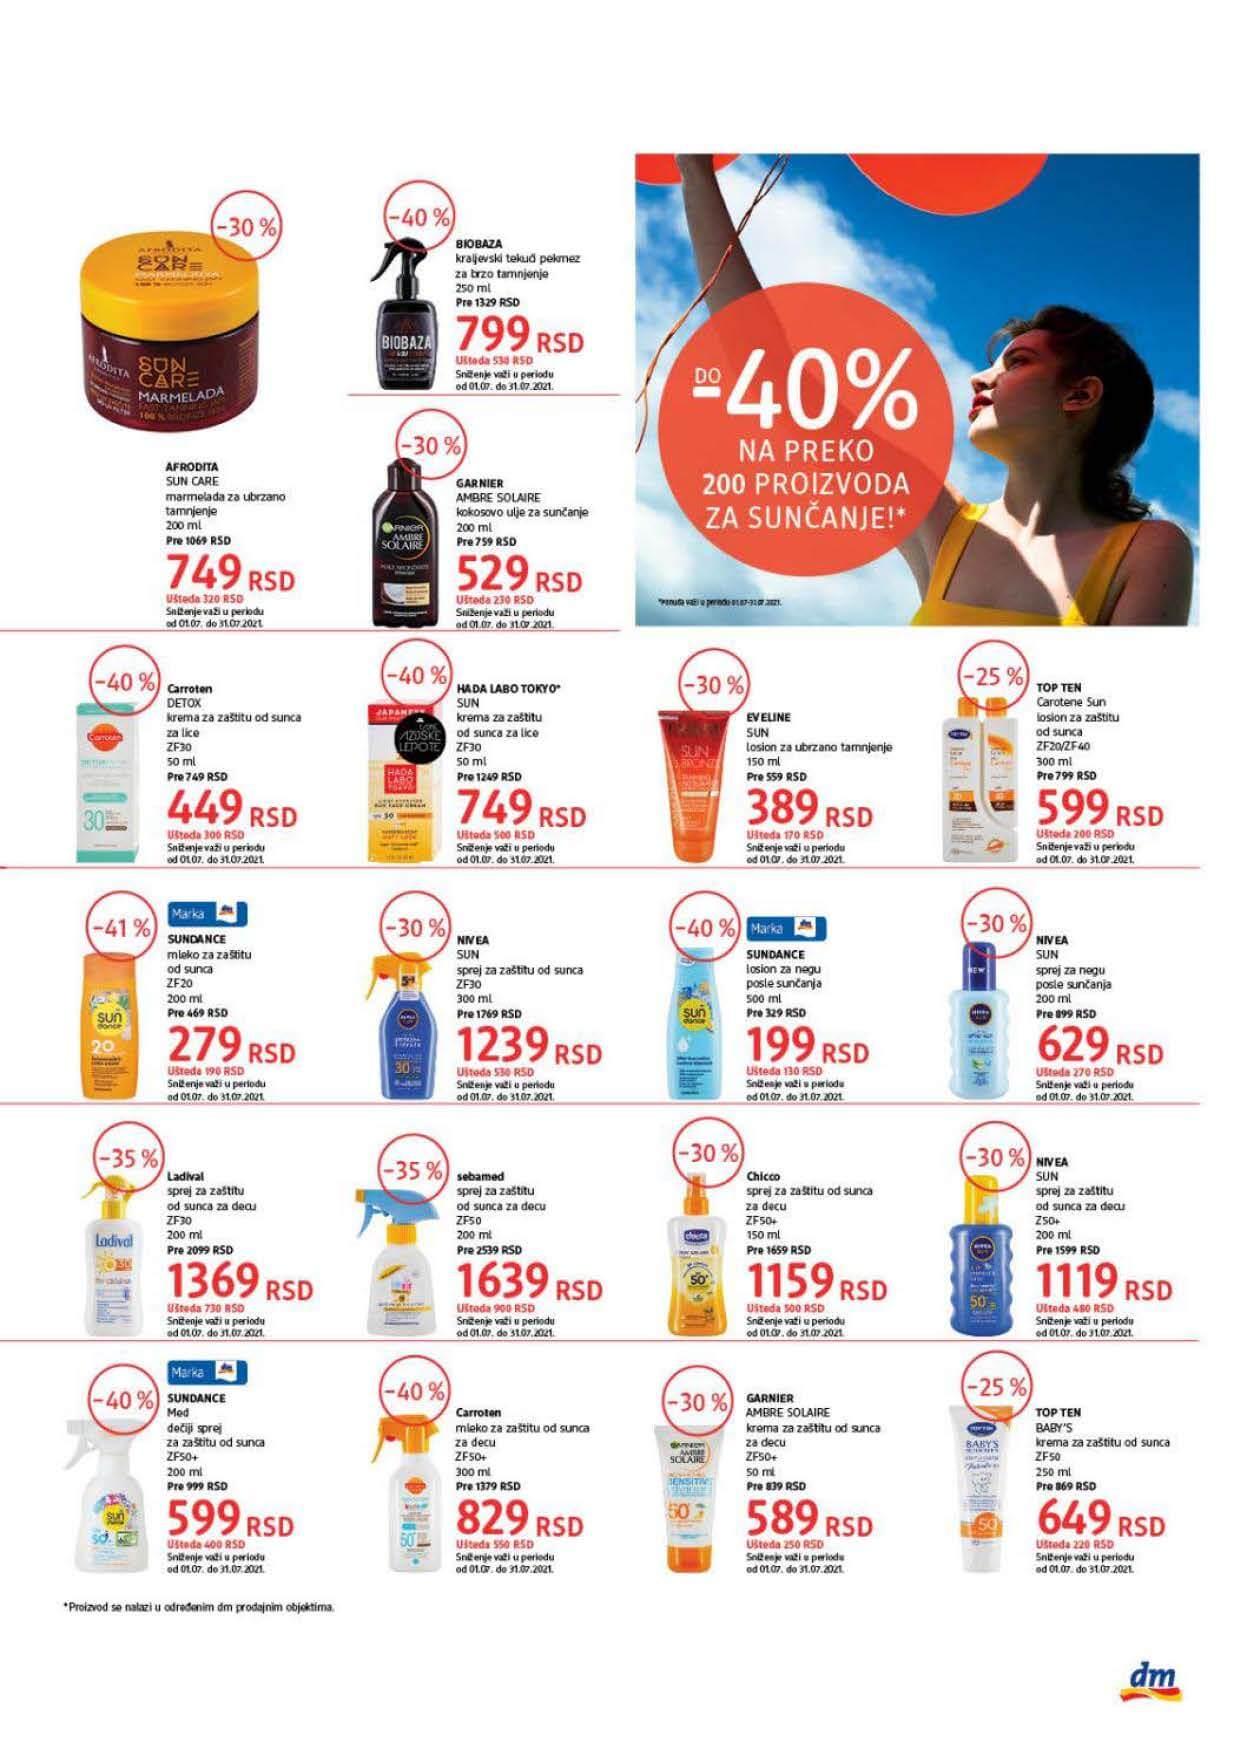 DM Katalog Srbija Super cene Super Ponuda JUL 2021 01.07. 15.07.2021. Page 5